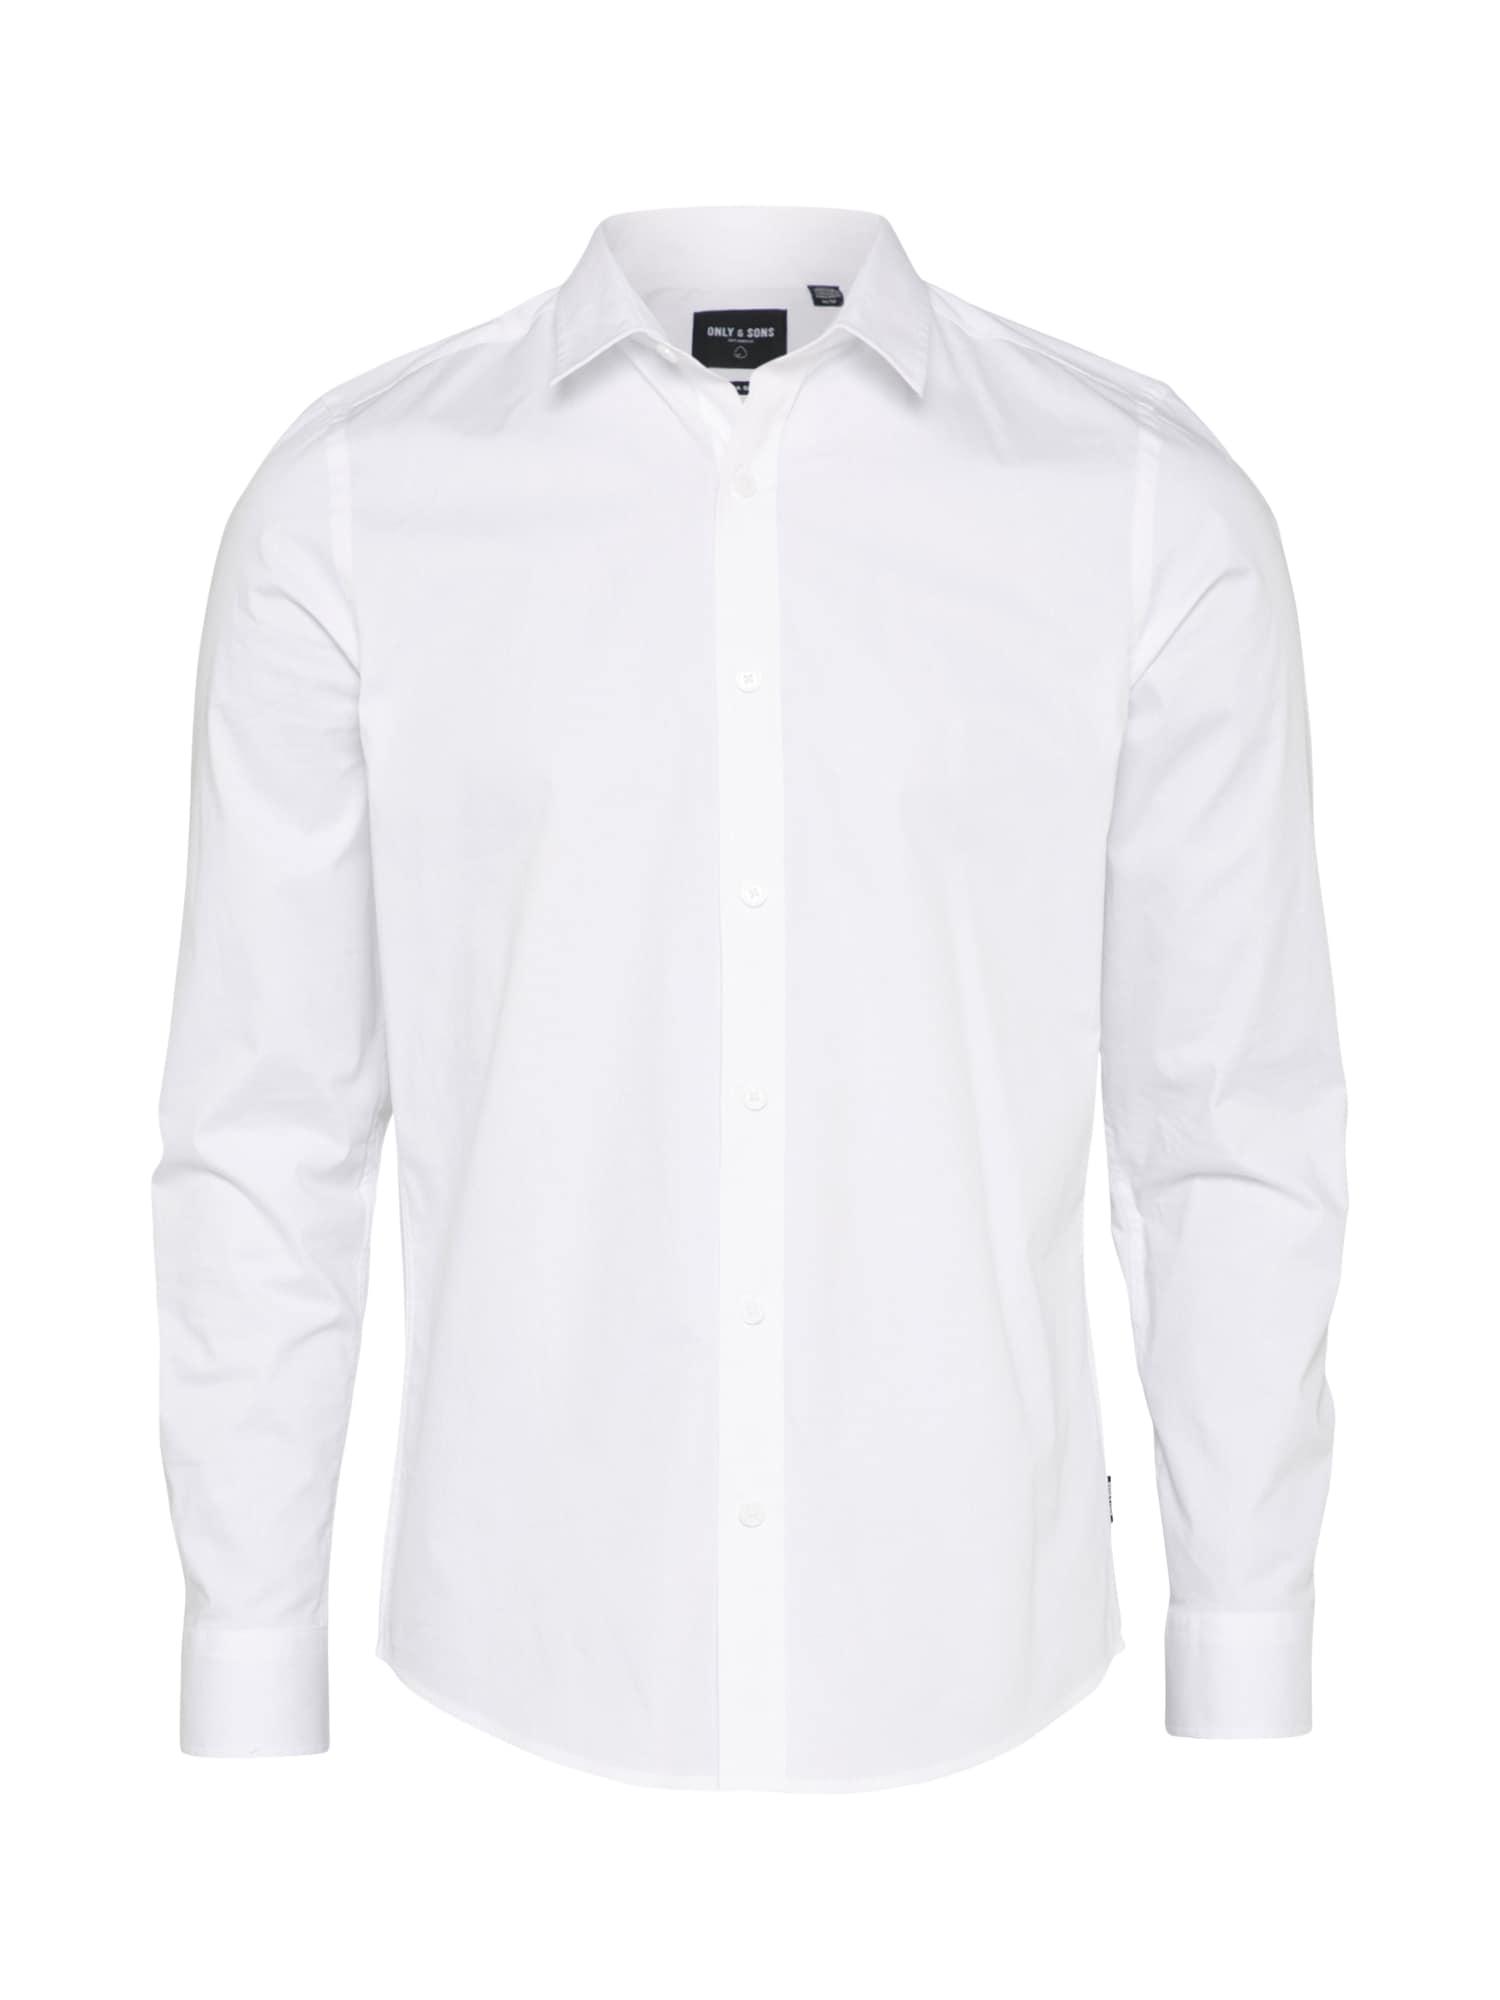 Košile ALFREDO bílá Only & Sons